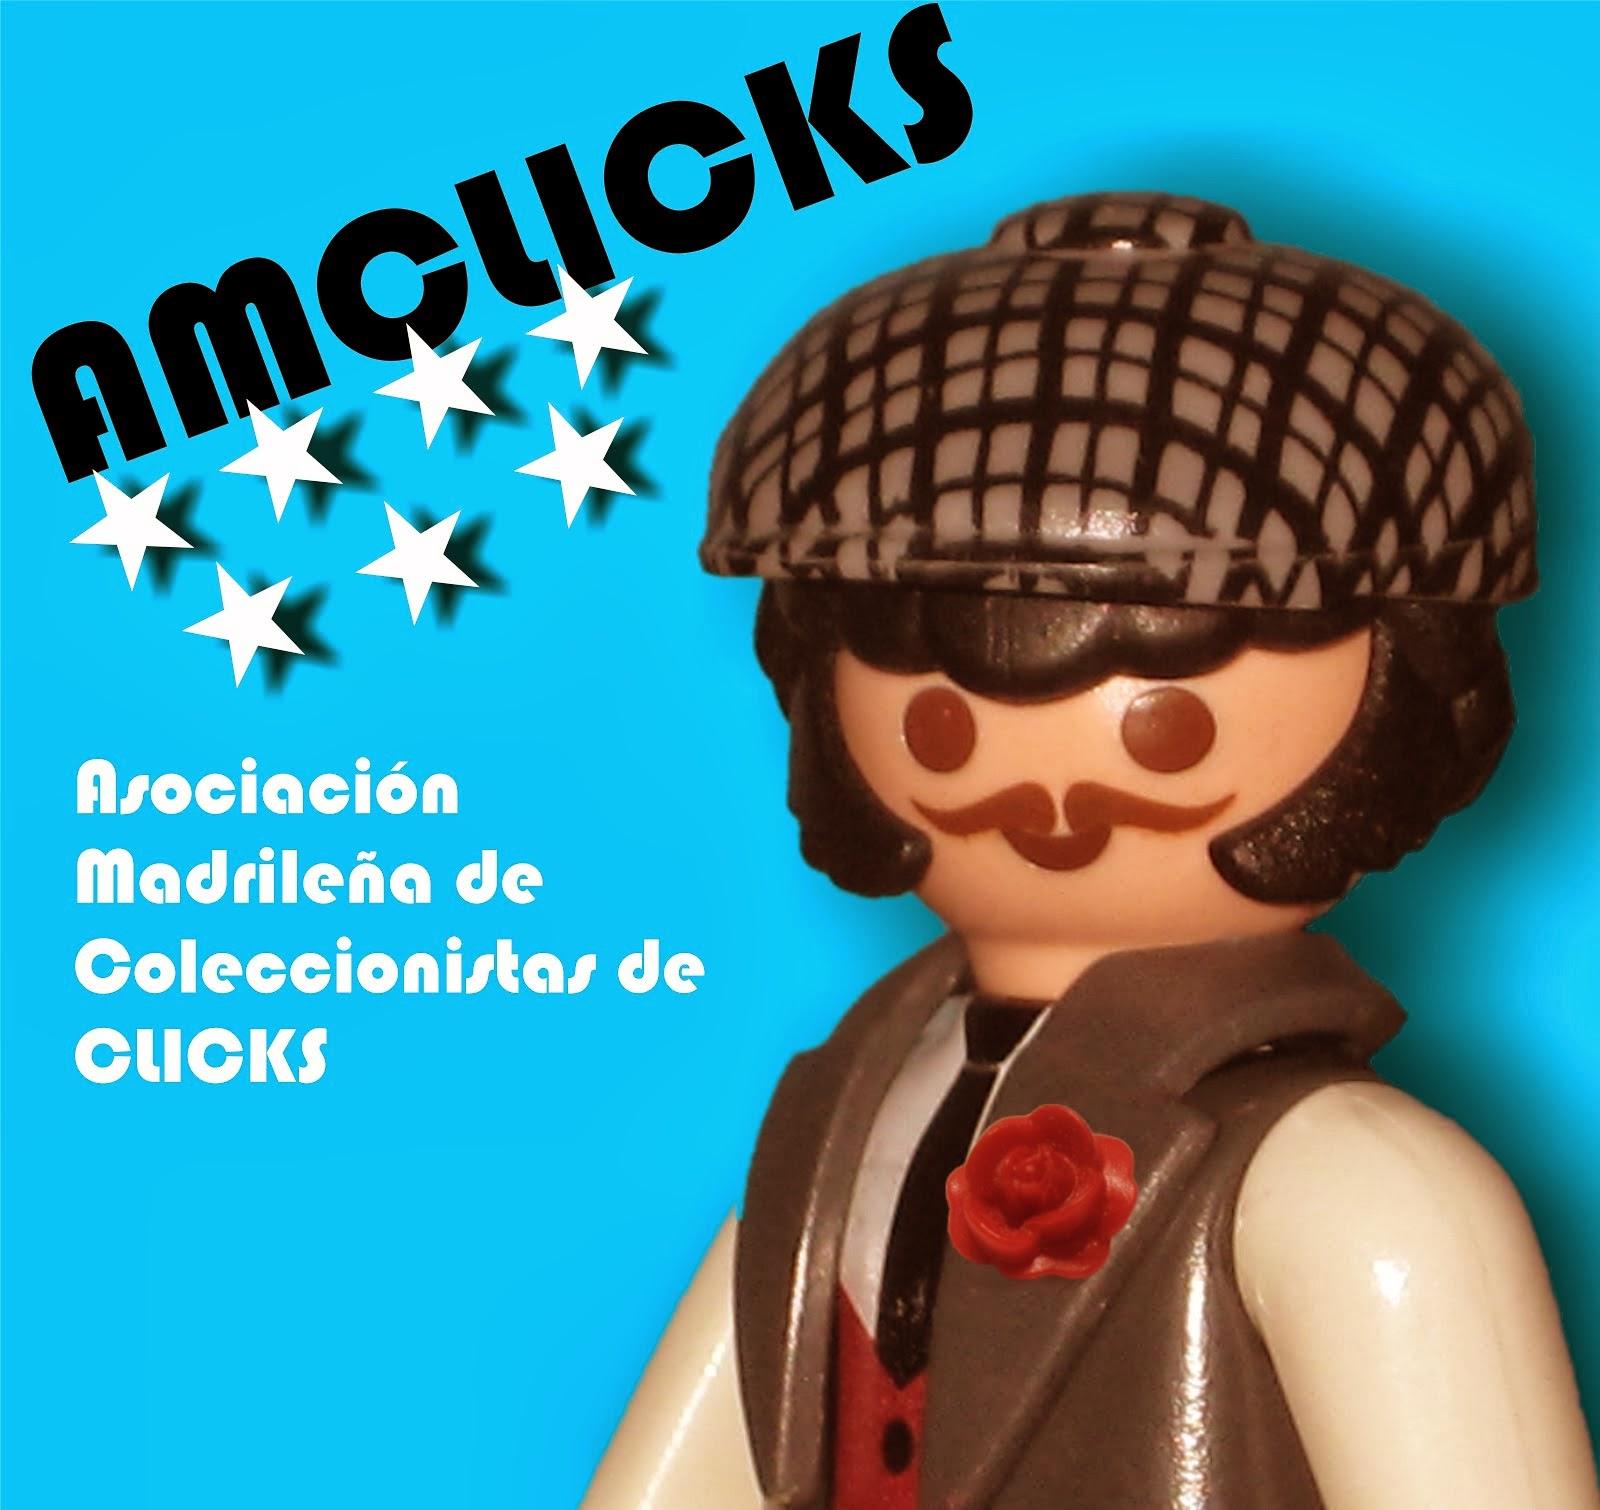 AMCLICKS